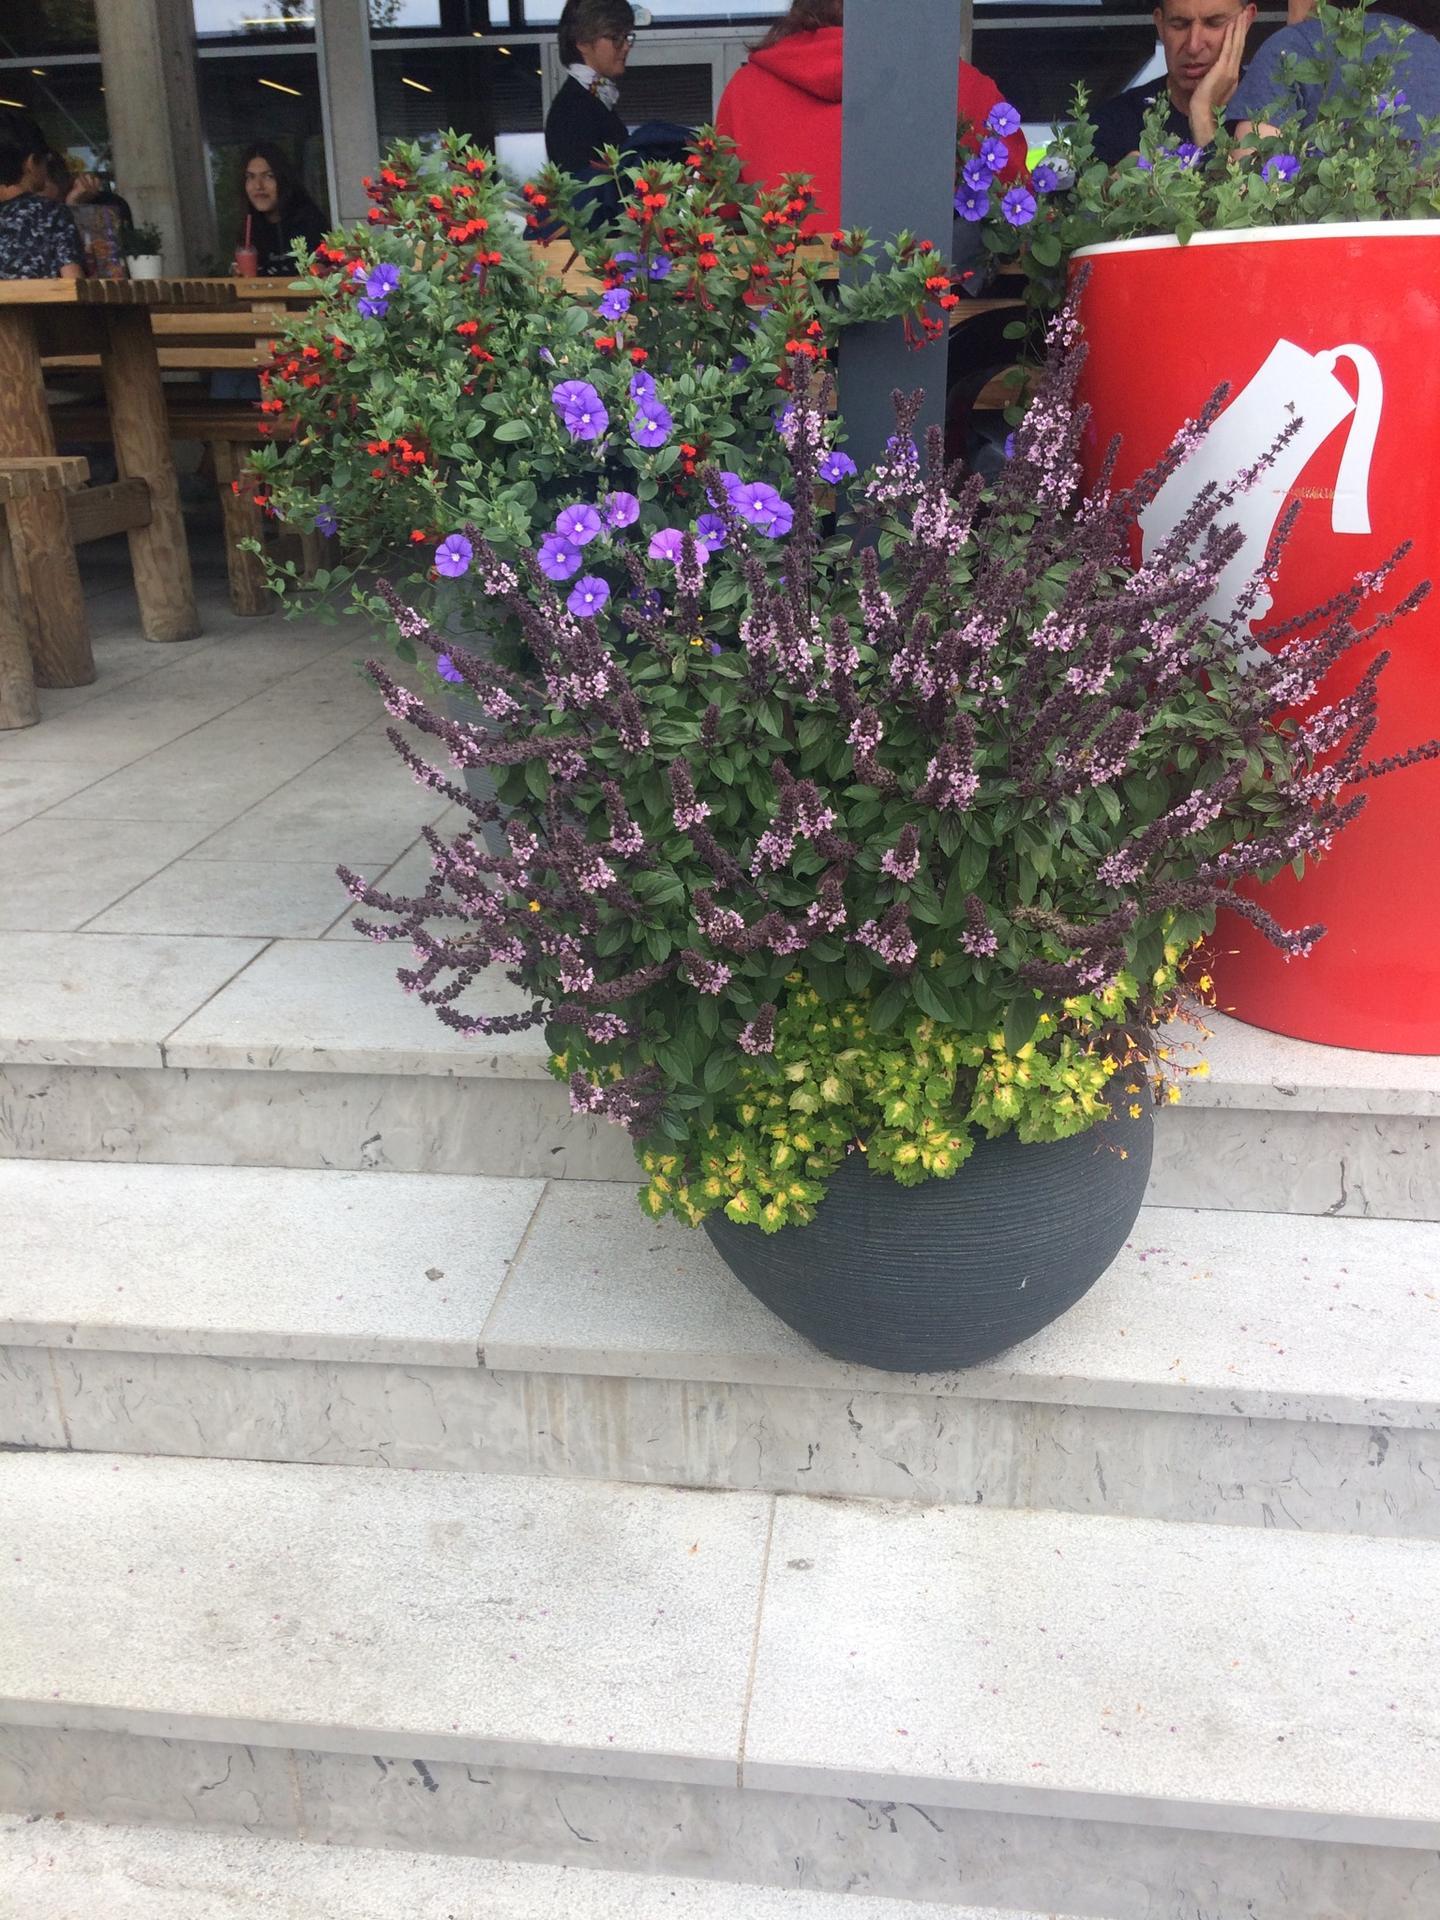 Ahojte. Vie mi niekto poradit, aké sú to kvety alebo rastliny? Ďakujem - Obrázok č. 1